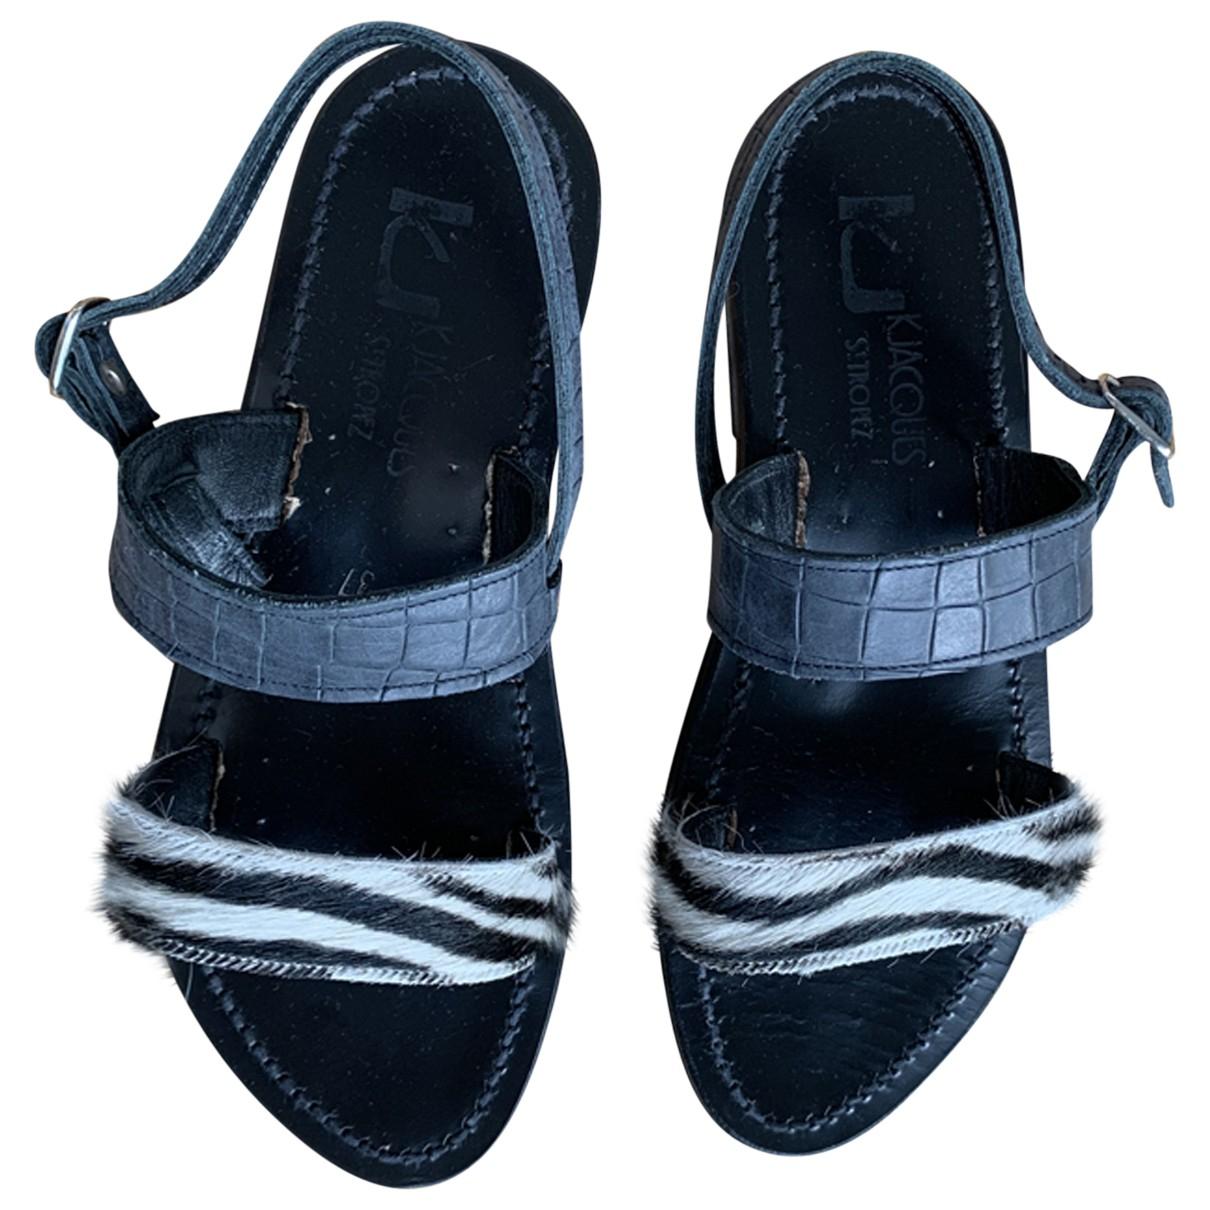 K Jacques Barigoule Black Leather Sandals for Women 37 EU